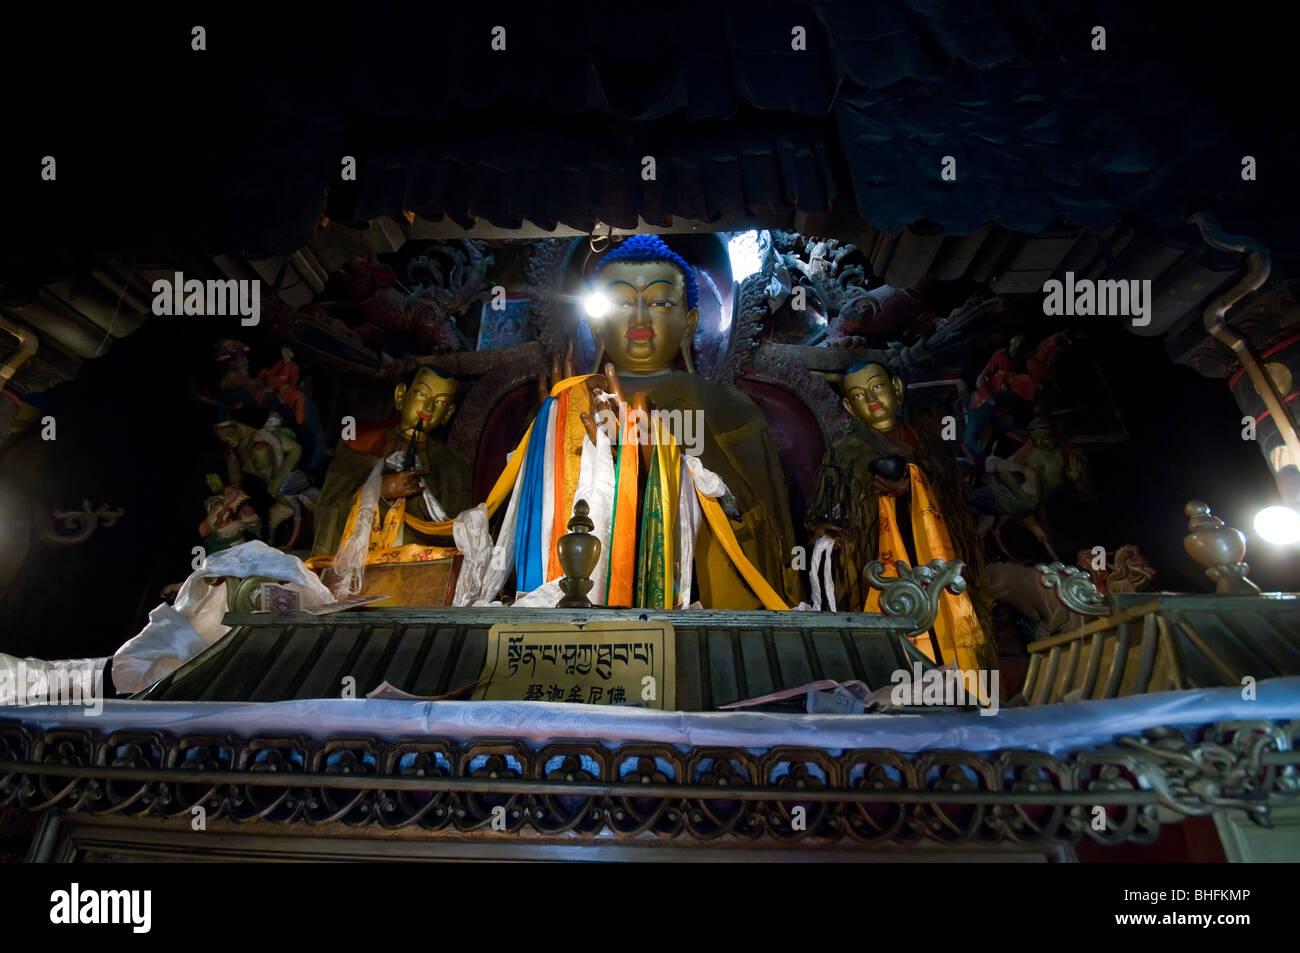 Gyantse Kumbum chorten, Tibet - Stock Image